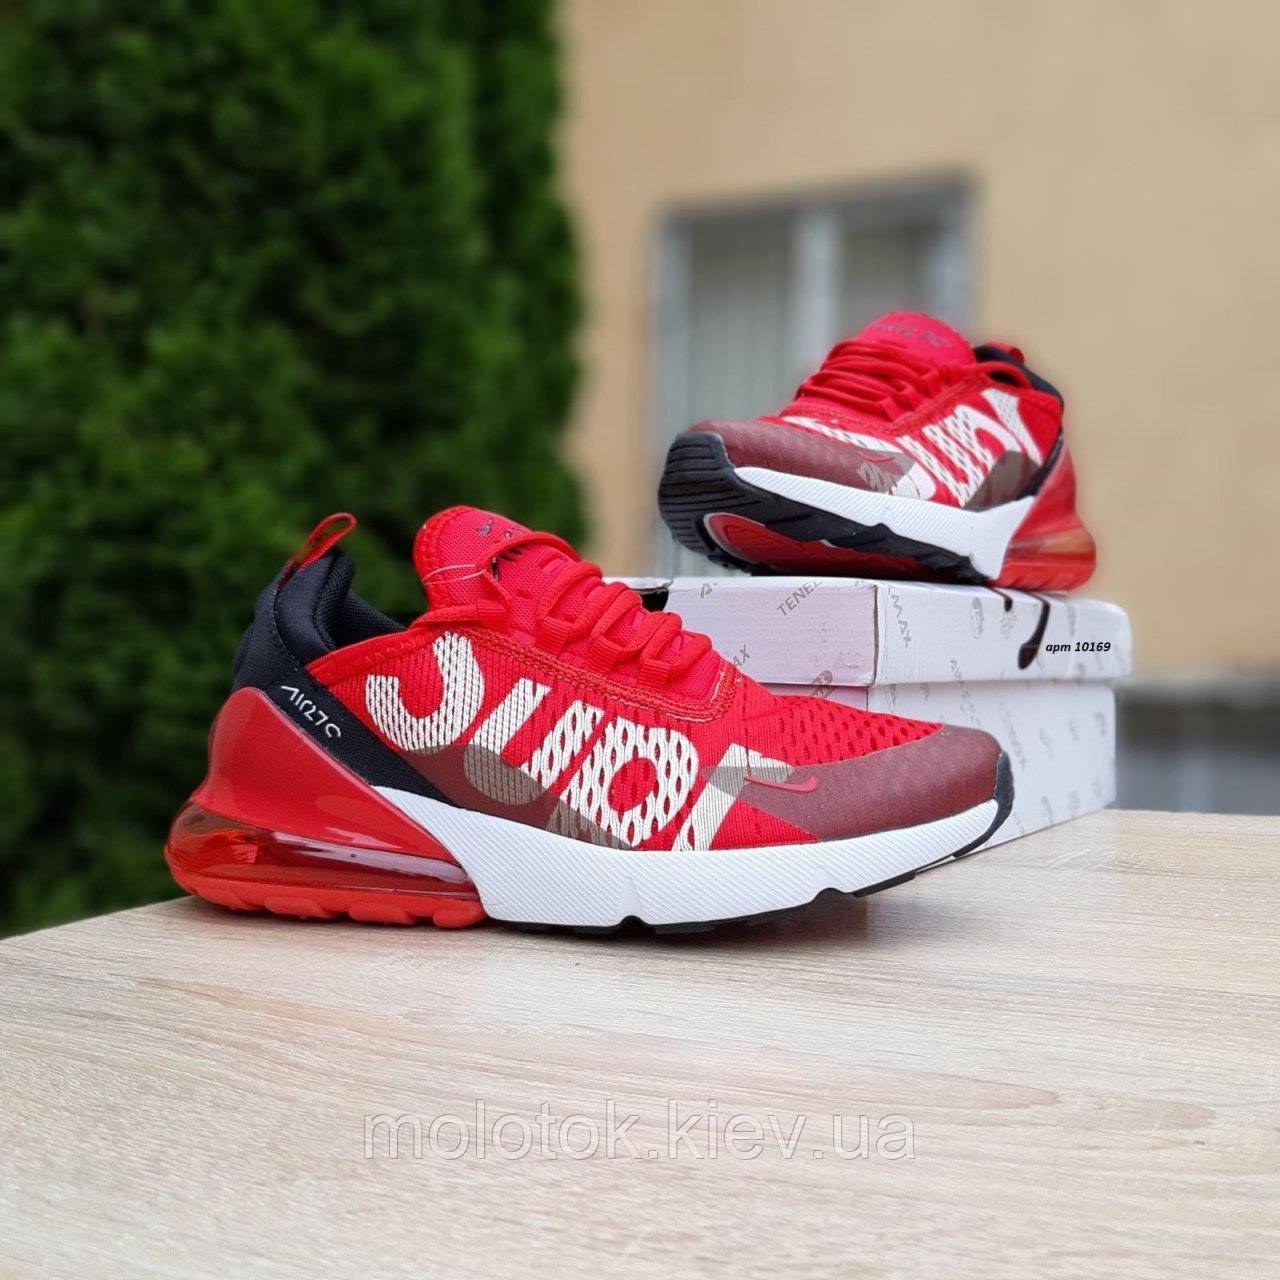 Мужские кроссовки в стиле Nike Air Max 270 Supreme красные